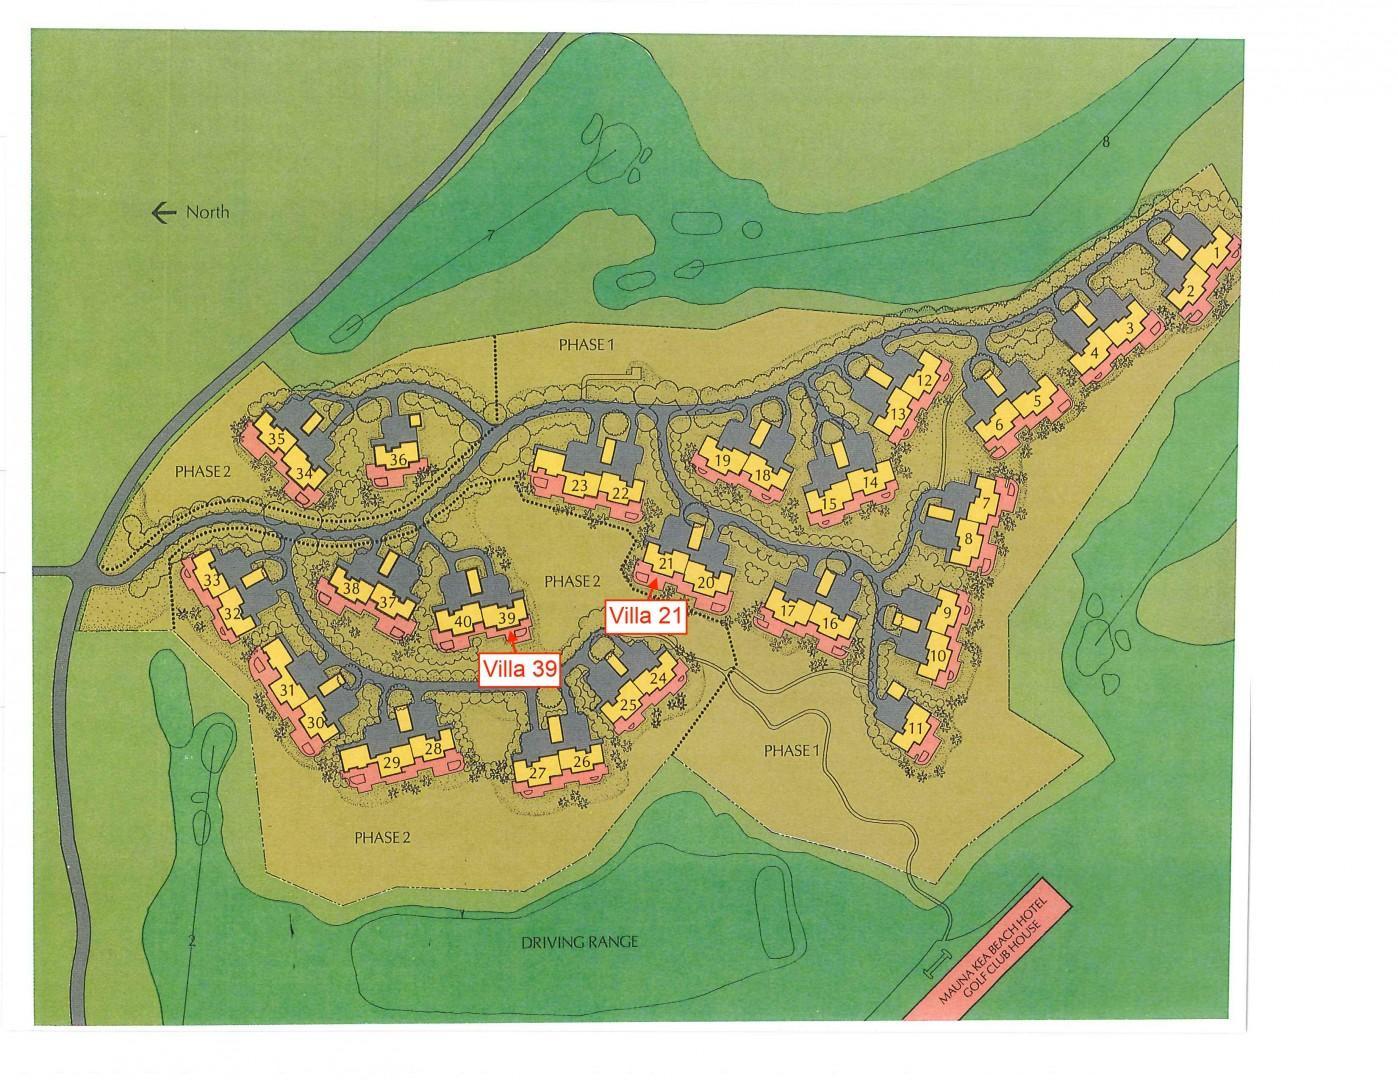 Villas at Mauna Kea Resort Community Map Showing Location of Villa 21